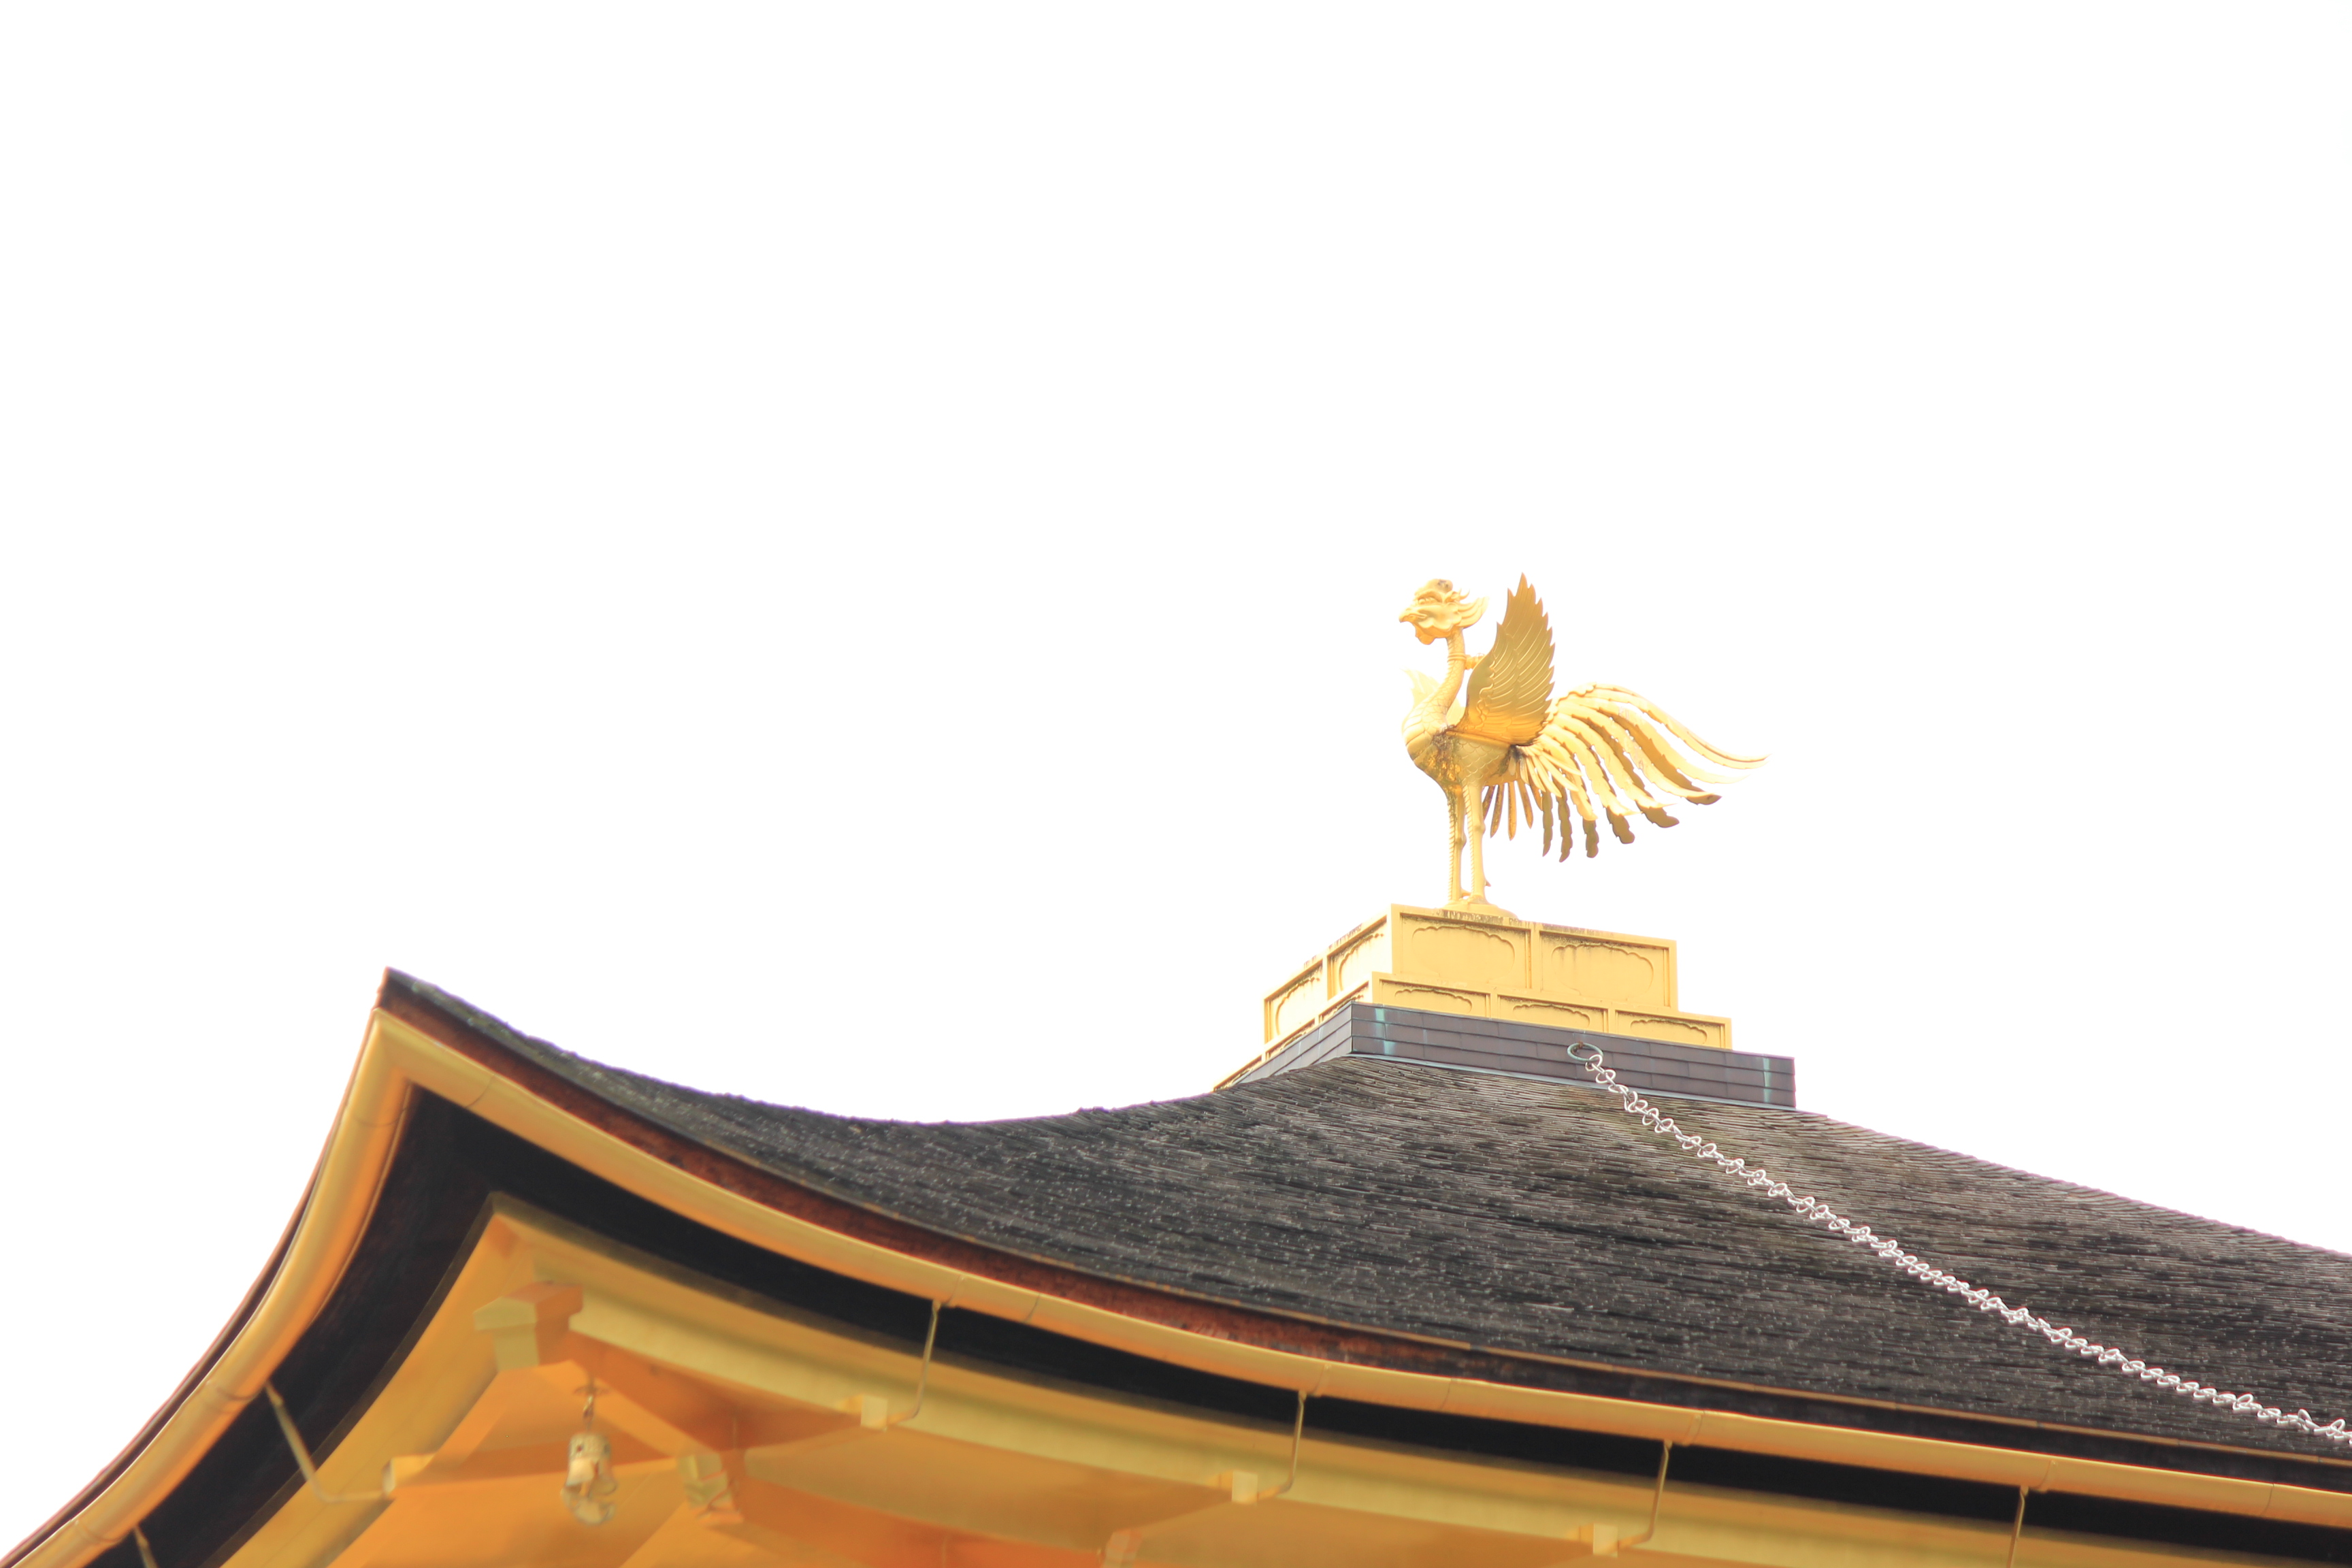 来日本过春节旅游吧